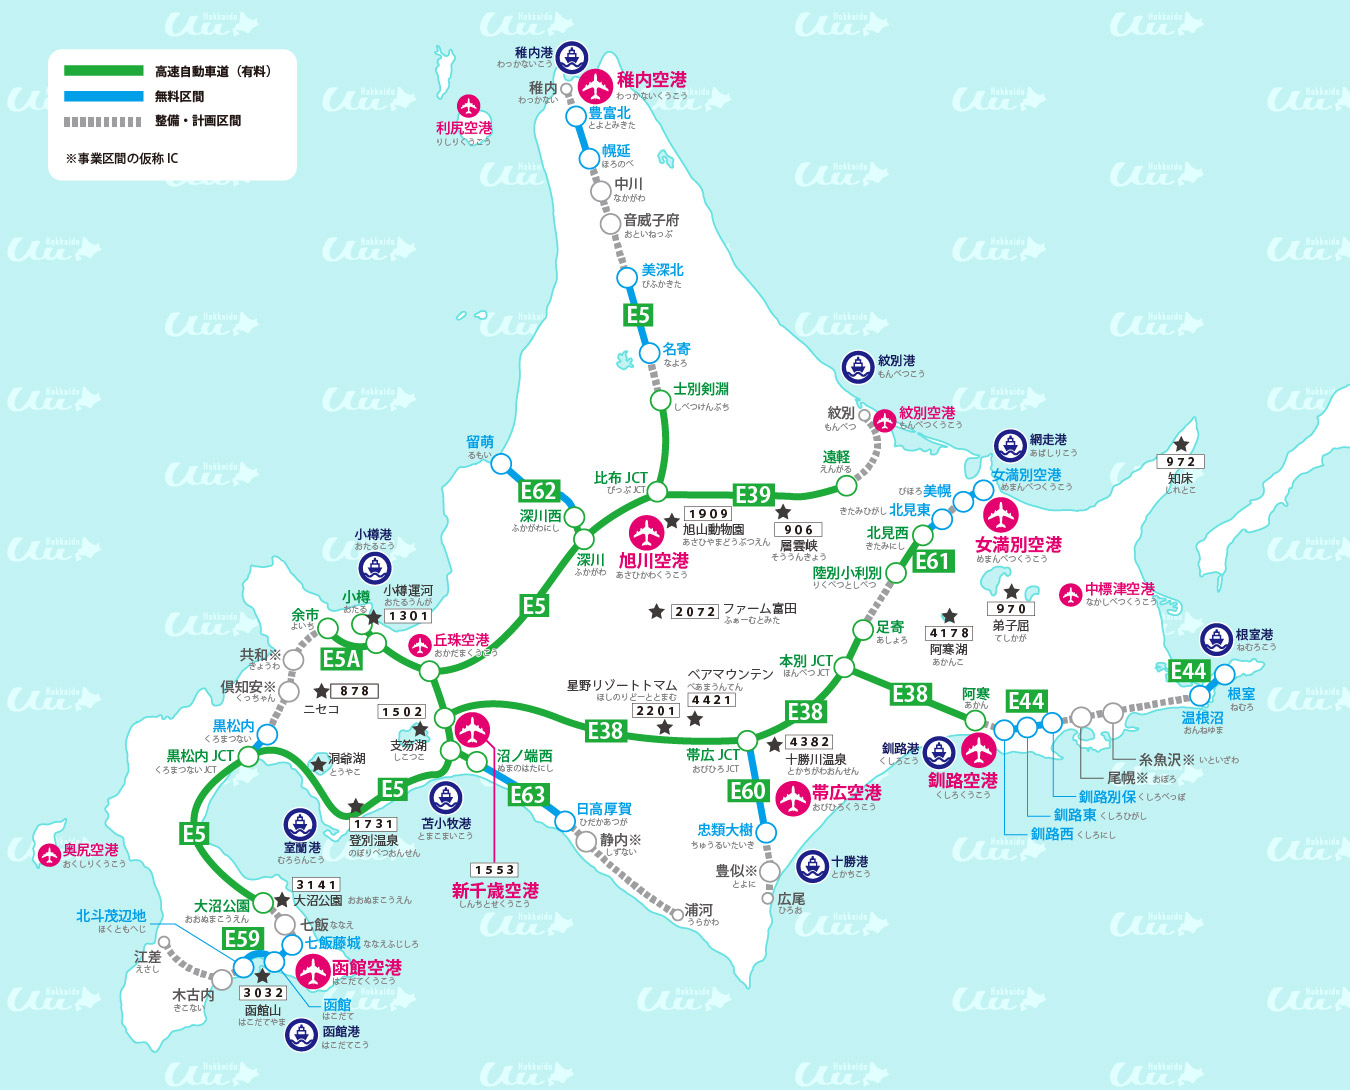 高速道路図